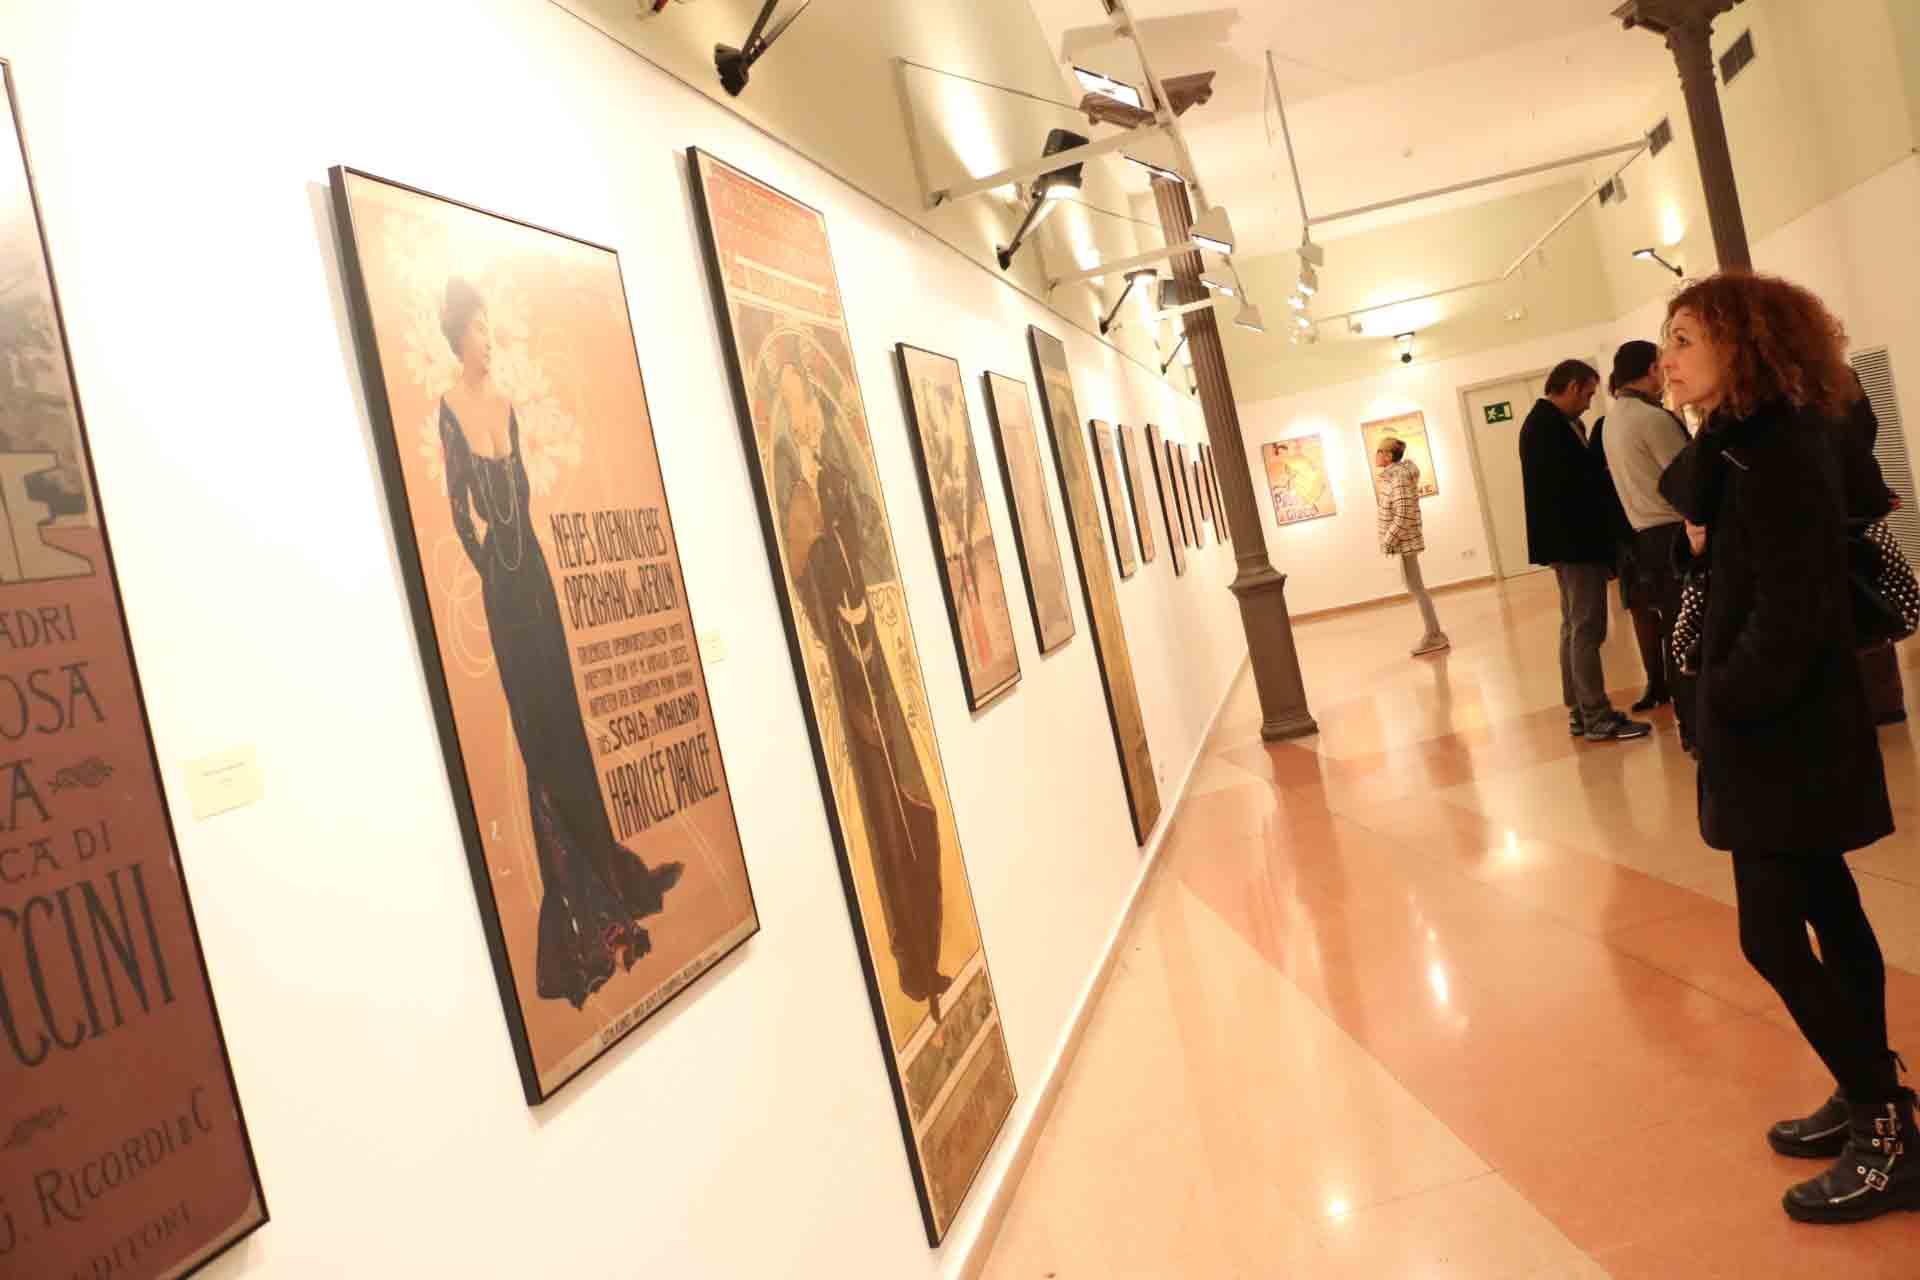 Exposició itinerant del MAE Mostra de cartells modernistes a l'Auditori de Montcada i Reixac, del 2 de febrer al 6 de març de 2016